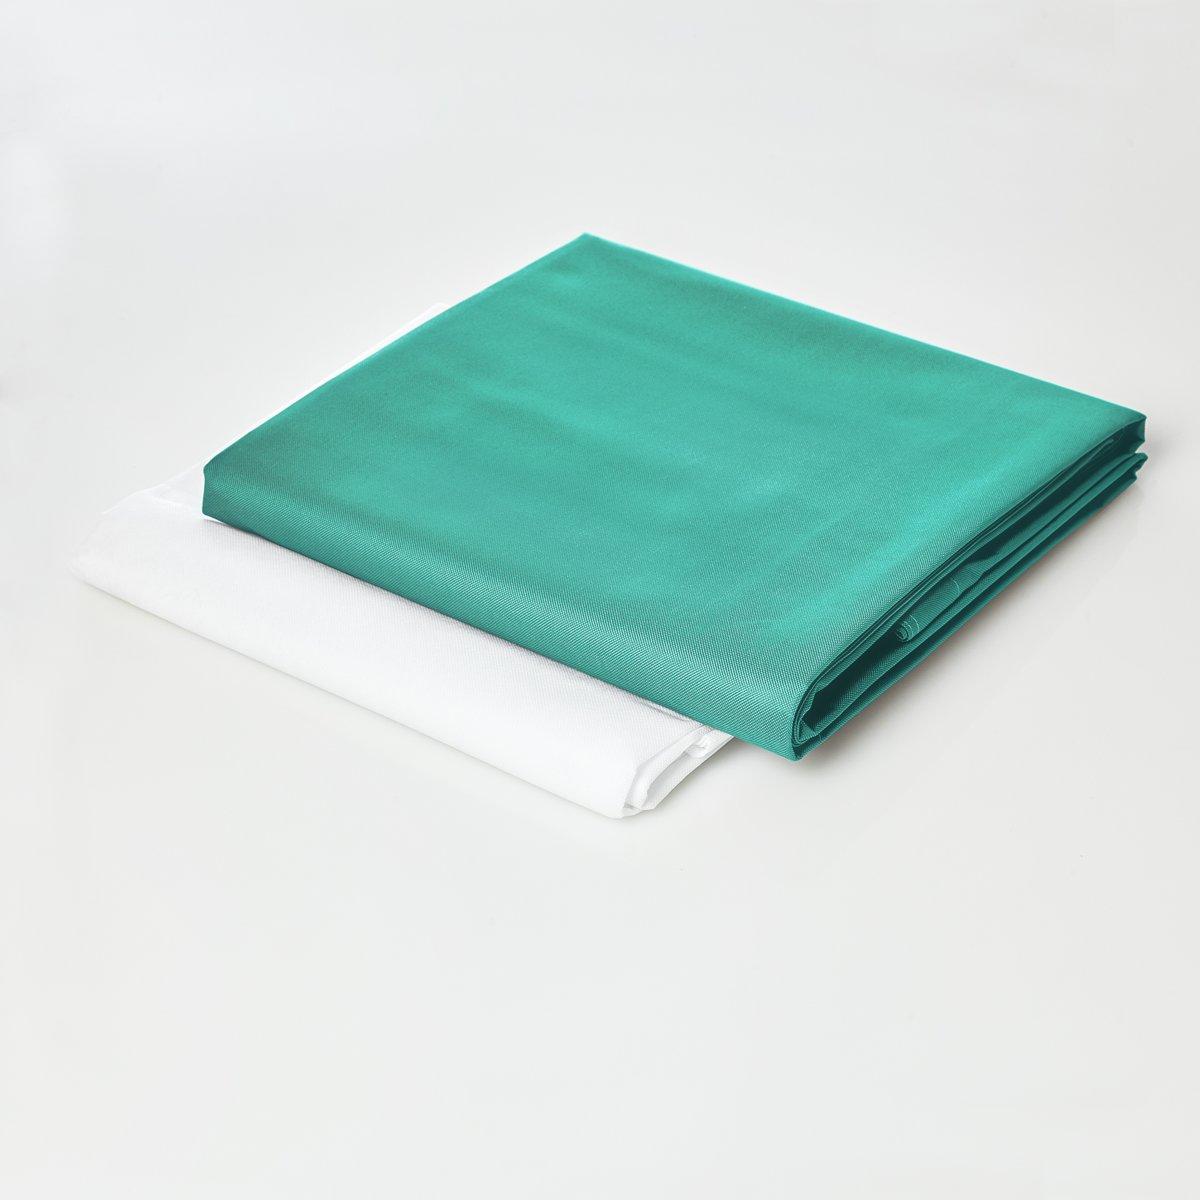 Lumaland - Hoes van luxe XXL zitzak - enkel de hoes zonder vulling - Volume 380 liter - 140 x 180 cm - gemaakt van PVC / Polyester - Turquoise kopen